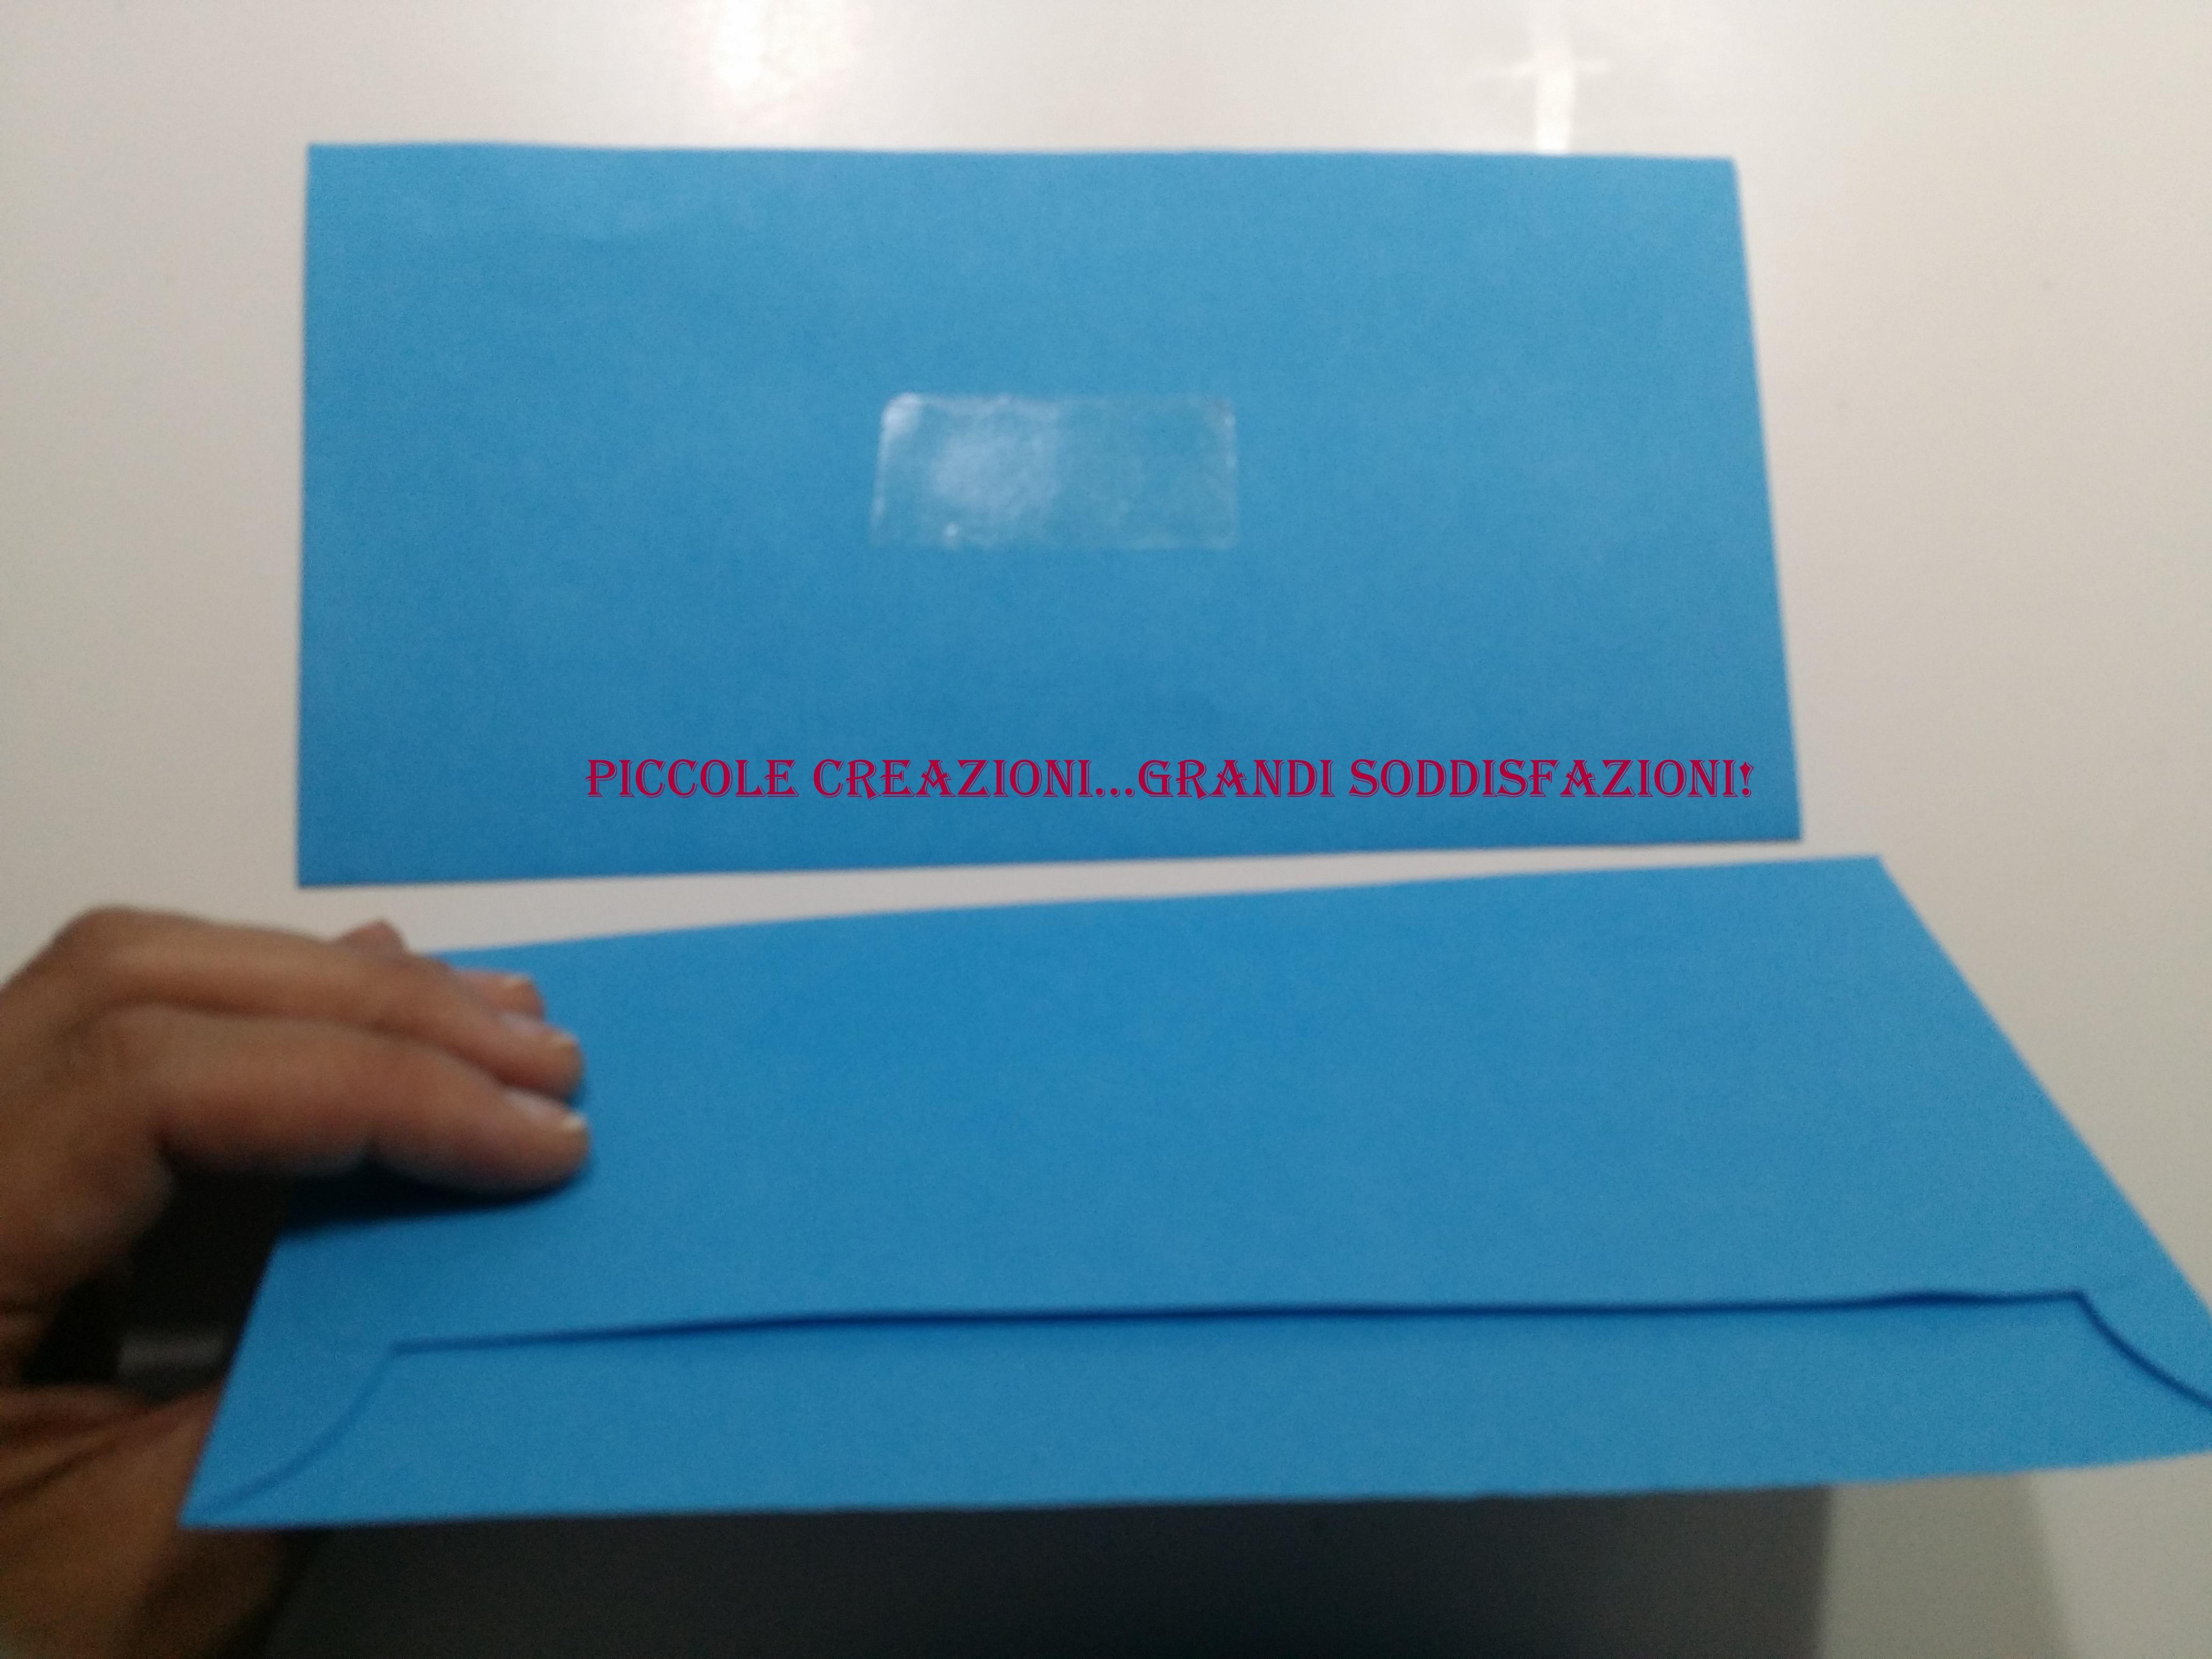 Porta scontrini con buste da lettere riciclate